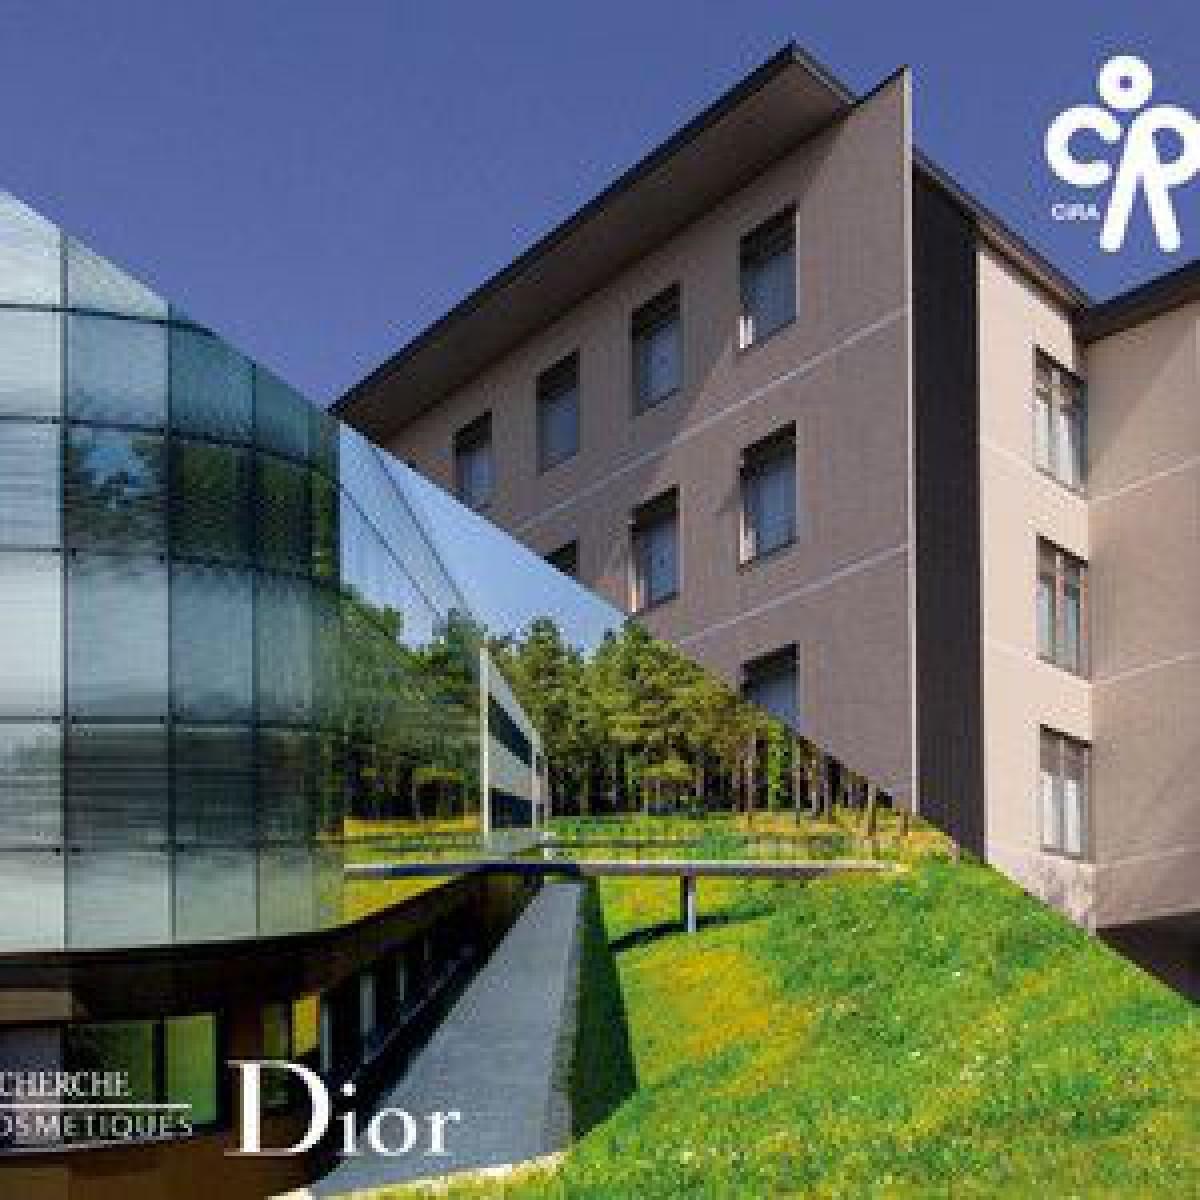 「ディオール」山中伸弥教授が率いる京都大学iPS細胞研究所と皮膚領域に関する共同研究を開始